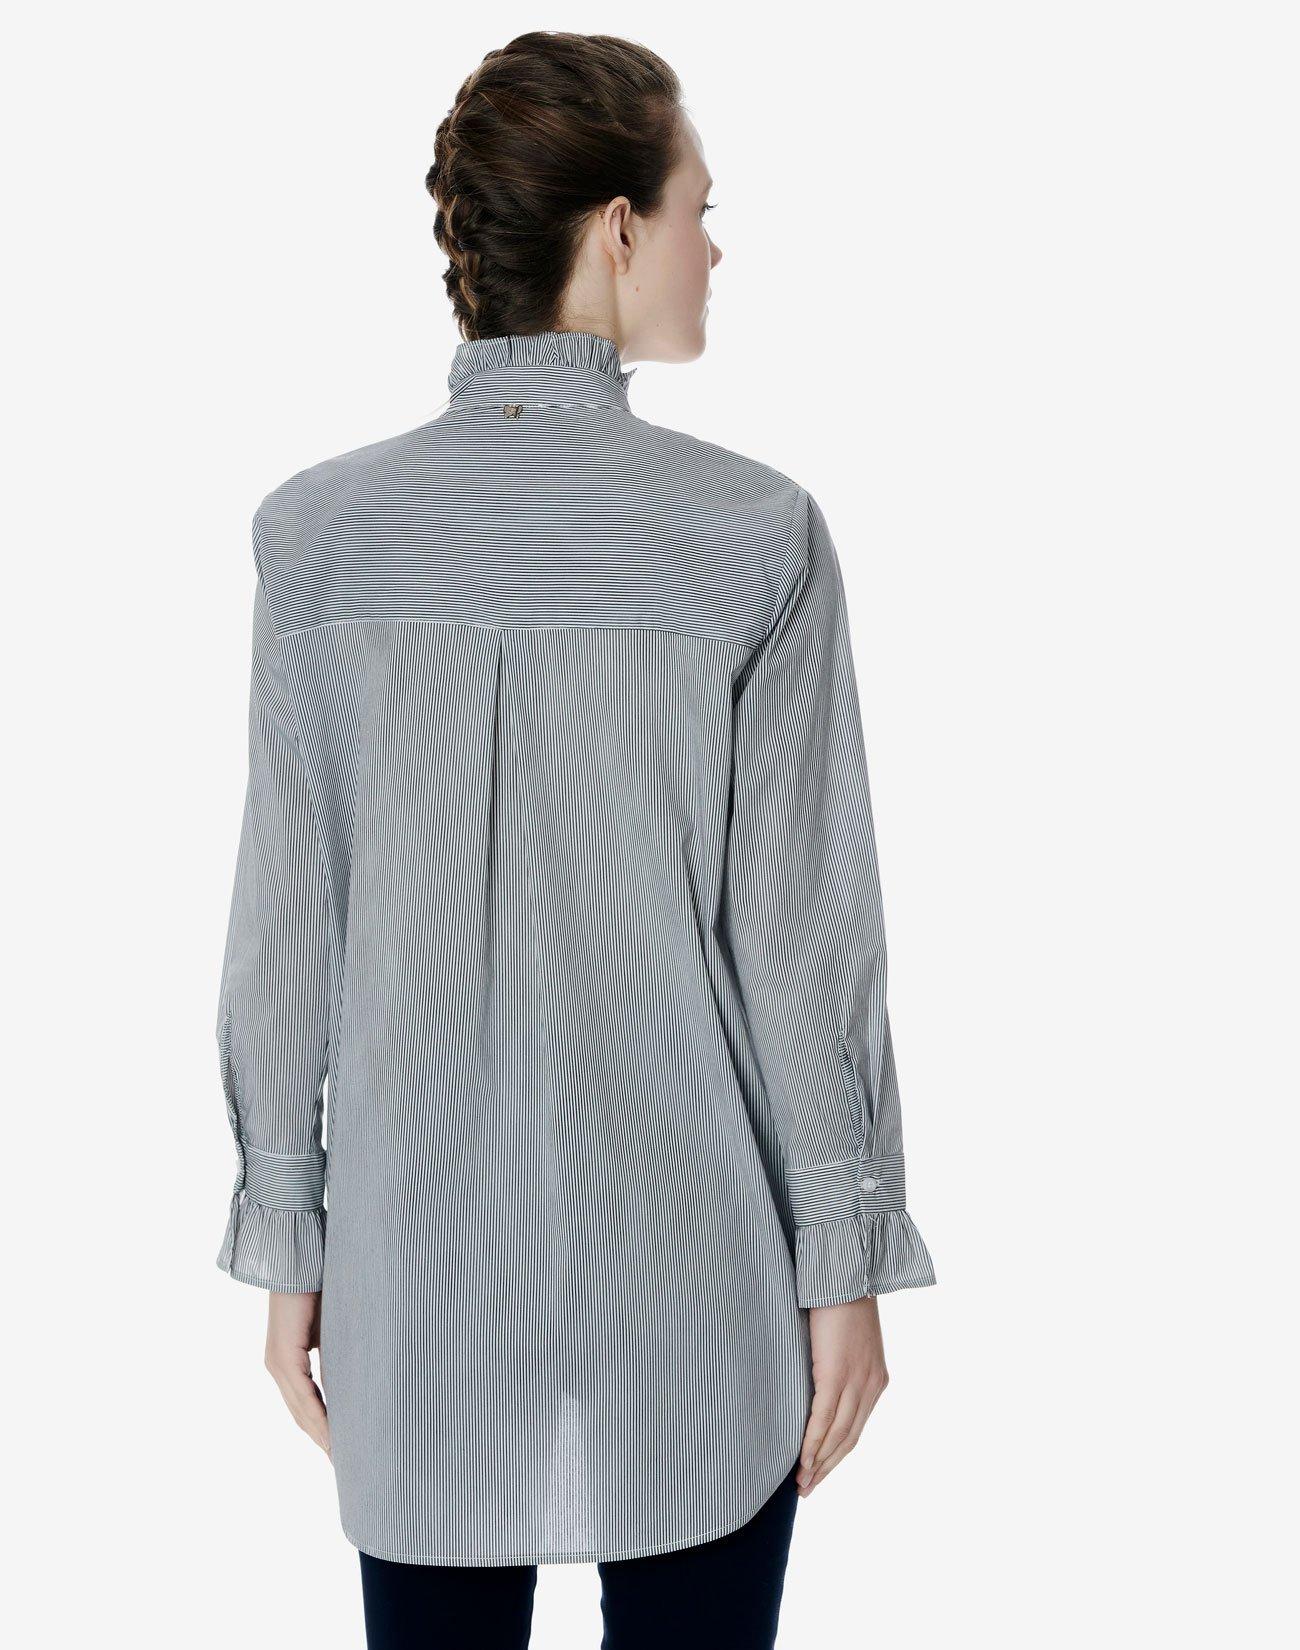 Ριγέ πουκάμισο με βολάν